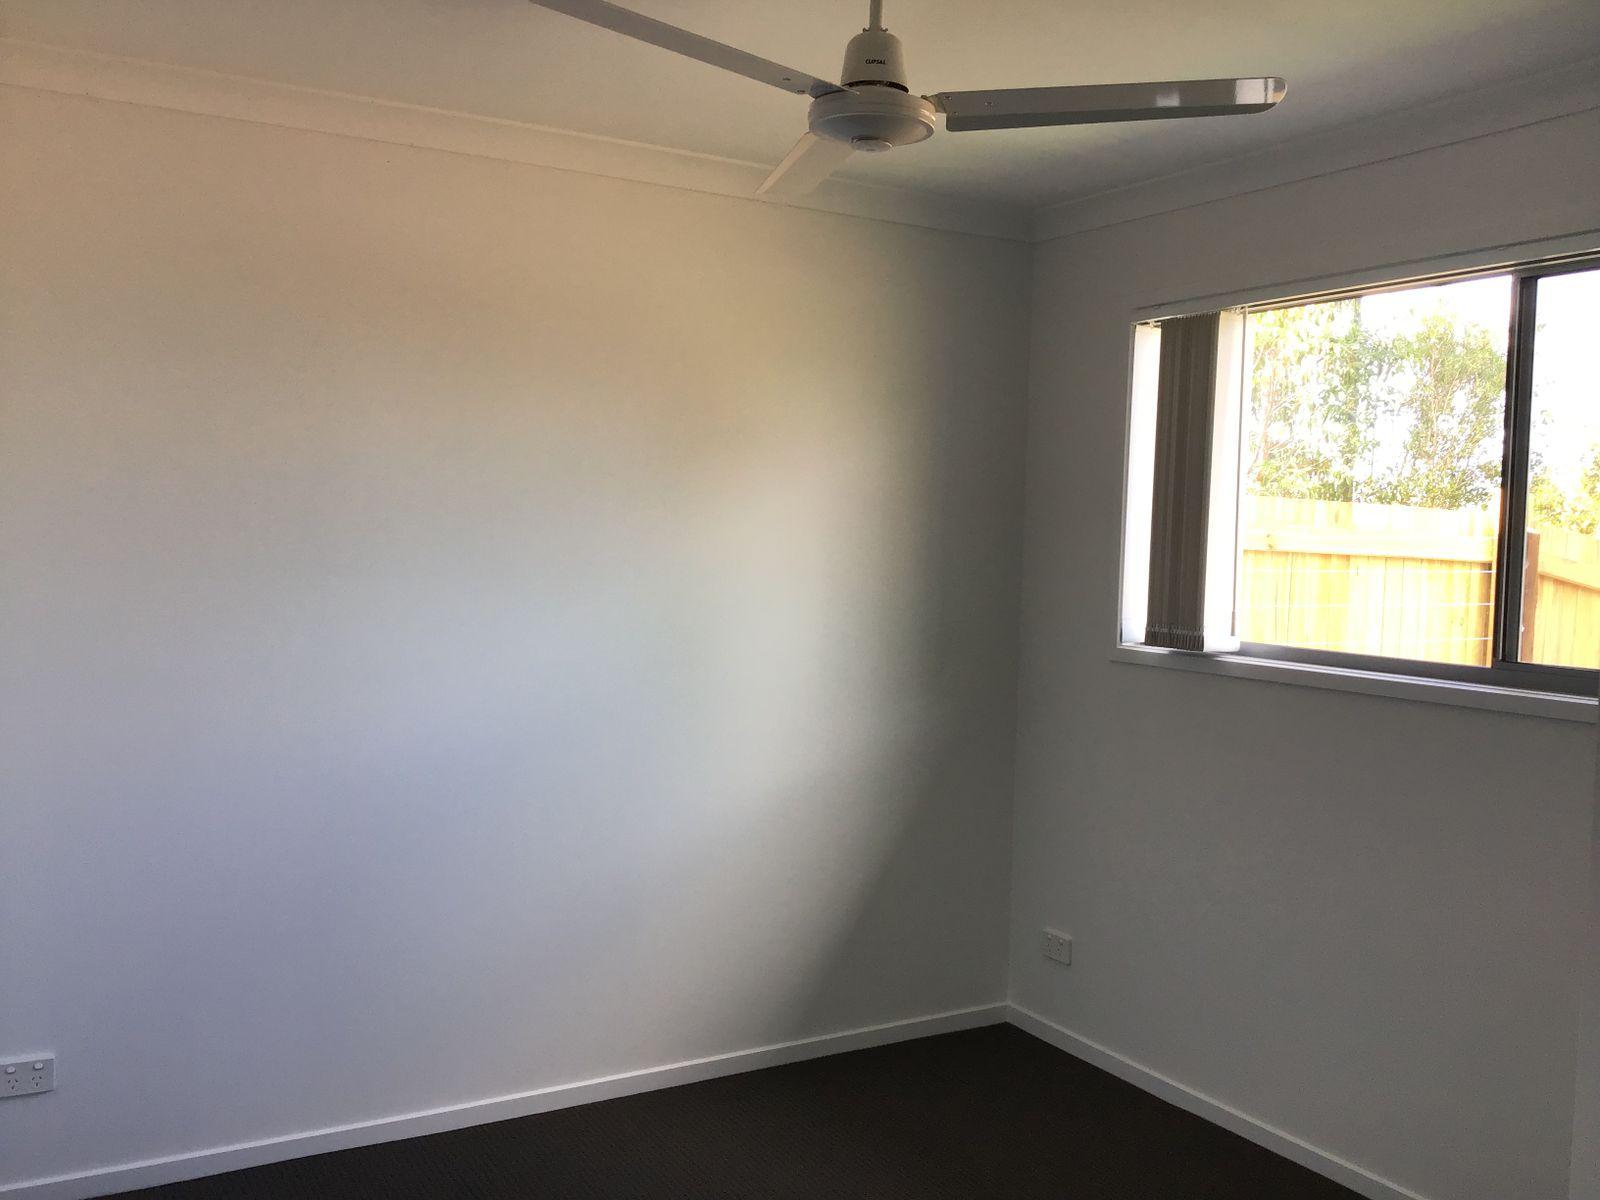 2/35 Corey Court, Palmwoods, QLD 4555